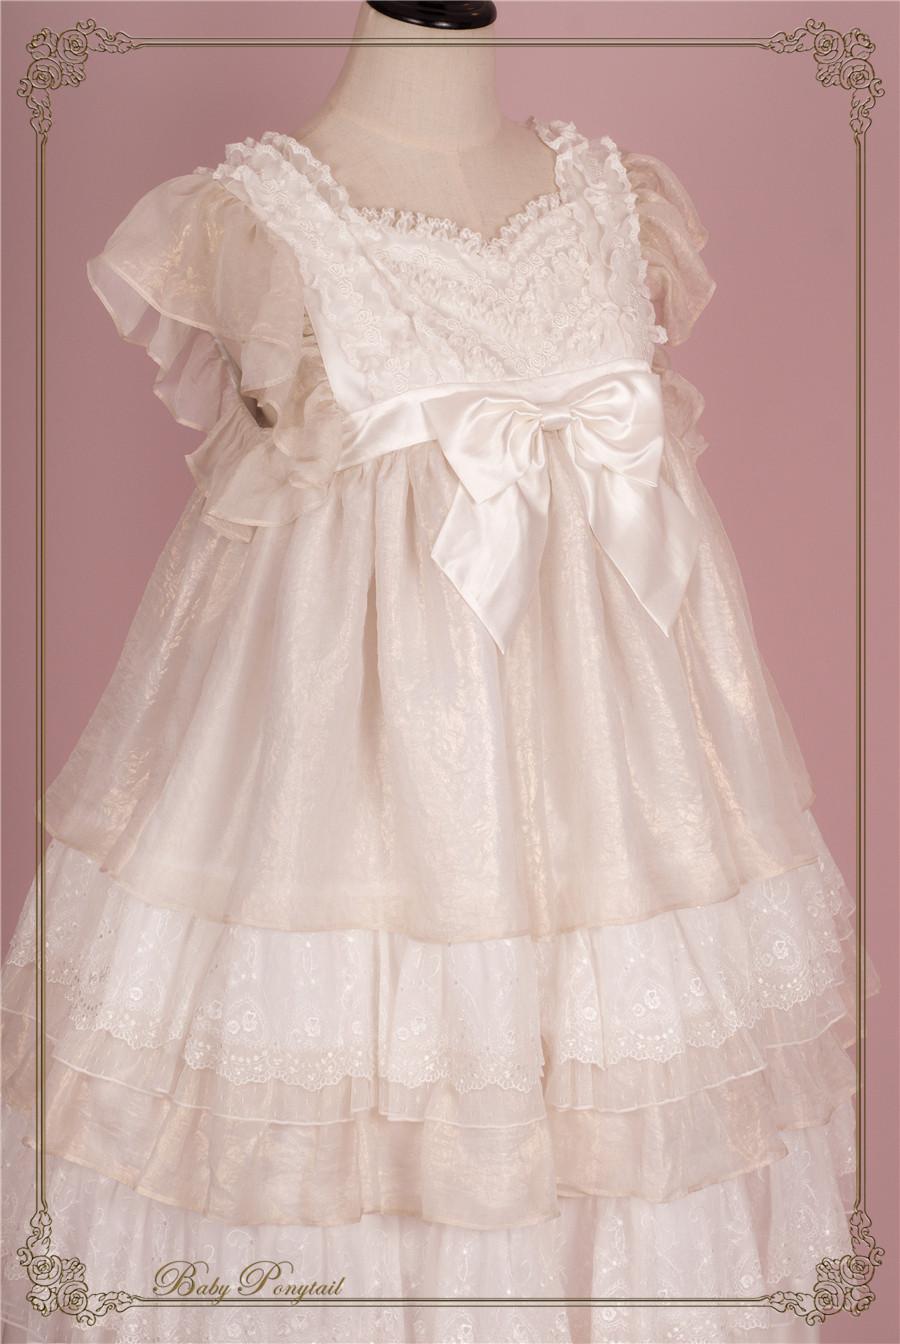 Babyponytail_Stock Photo_Present Angel_JSK White_7.jpg